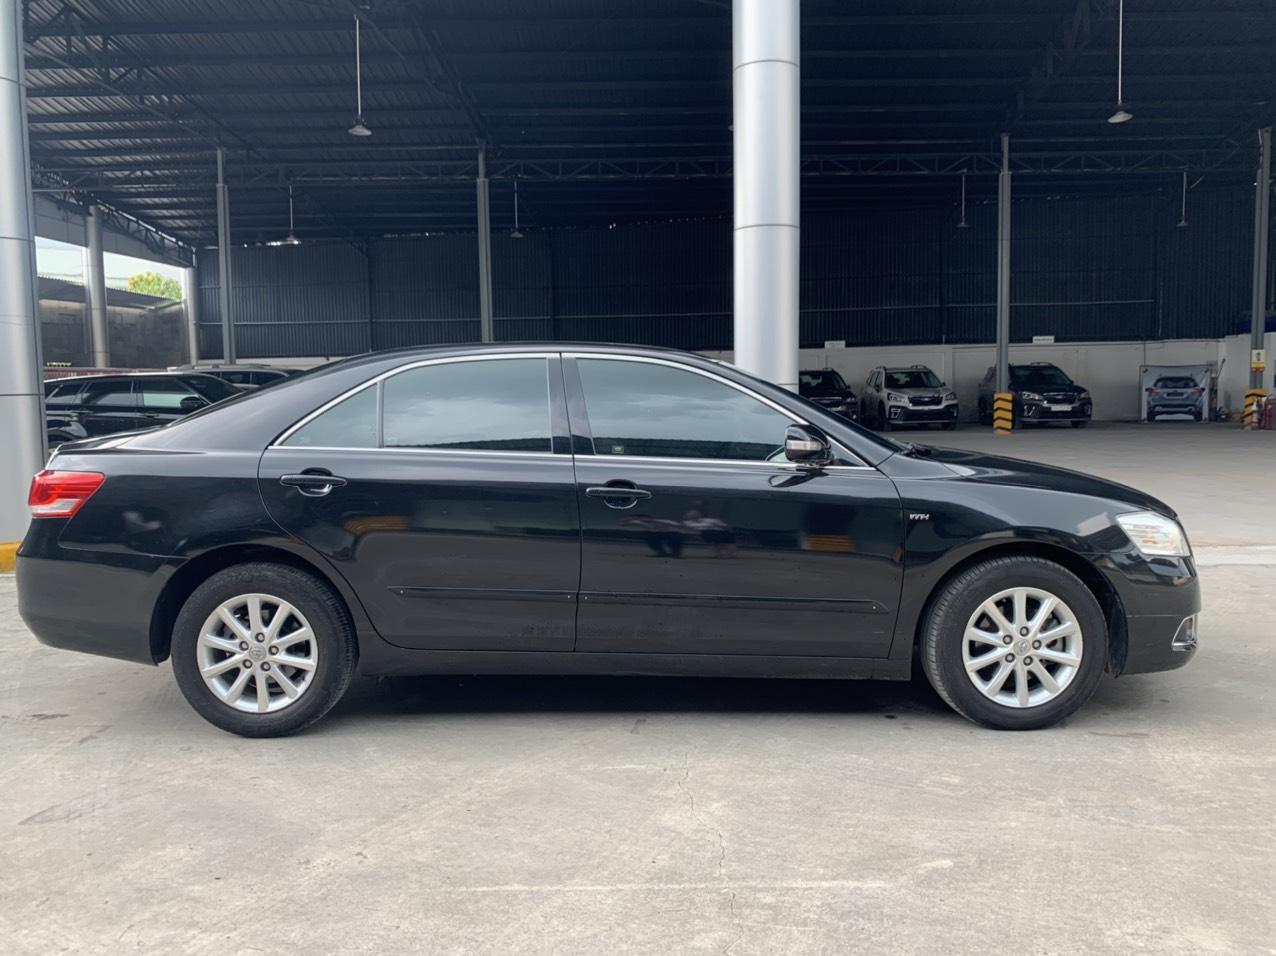 Bán Toyota Camry 2.4G đời 2010, màu đen chạy cực kỹ xe đẹp, giá fix mạnh